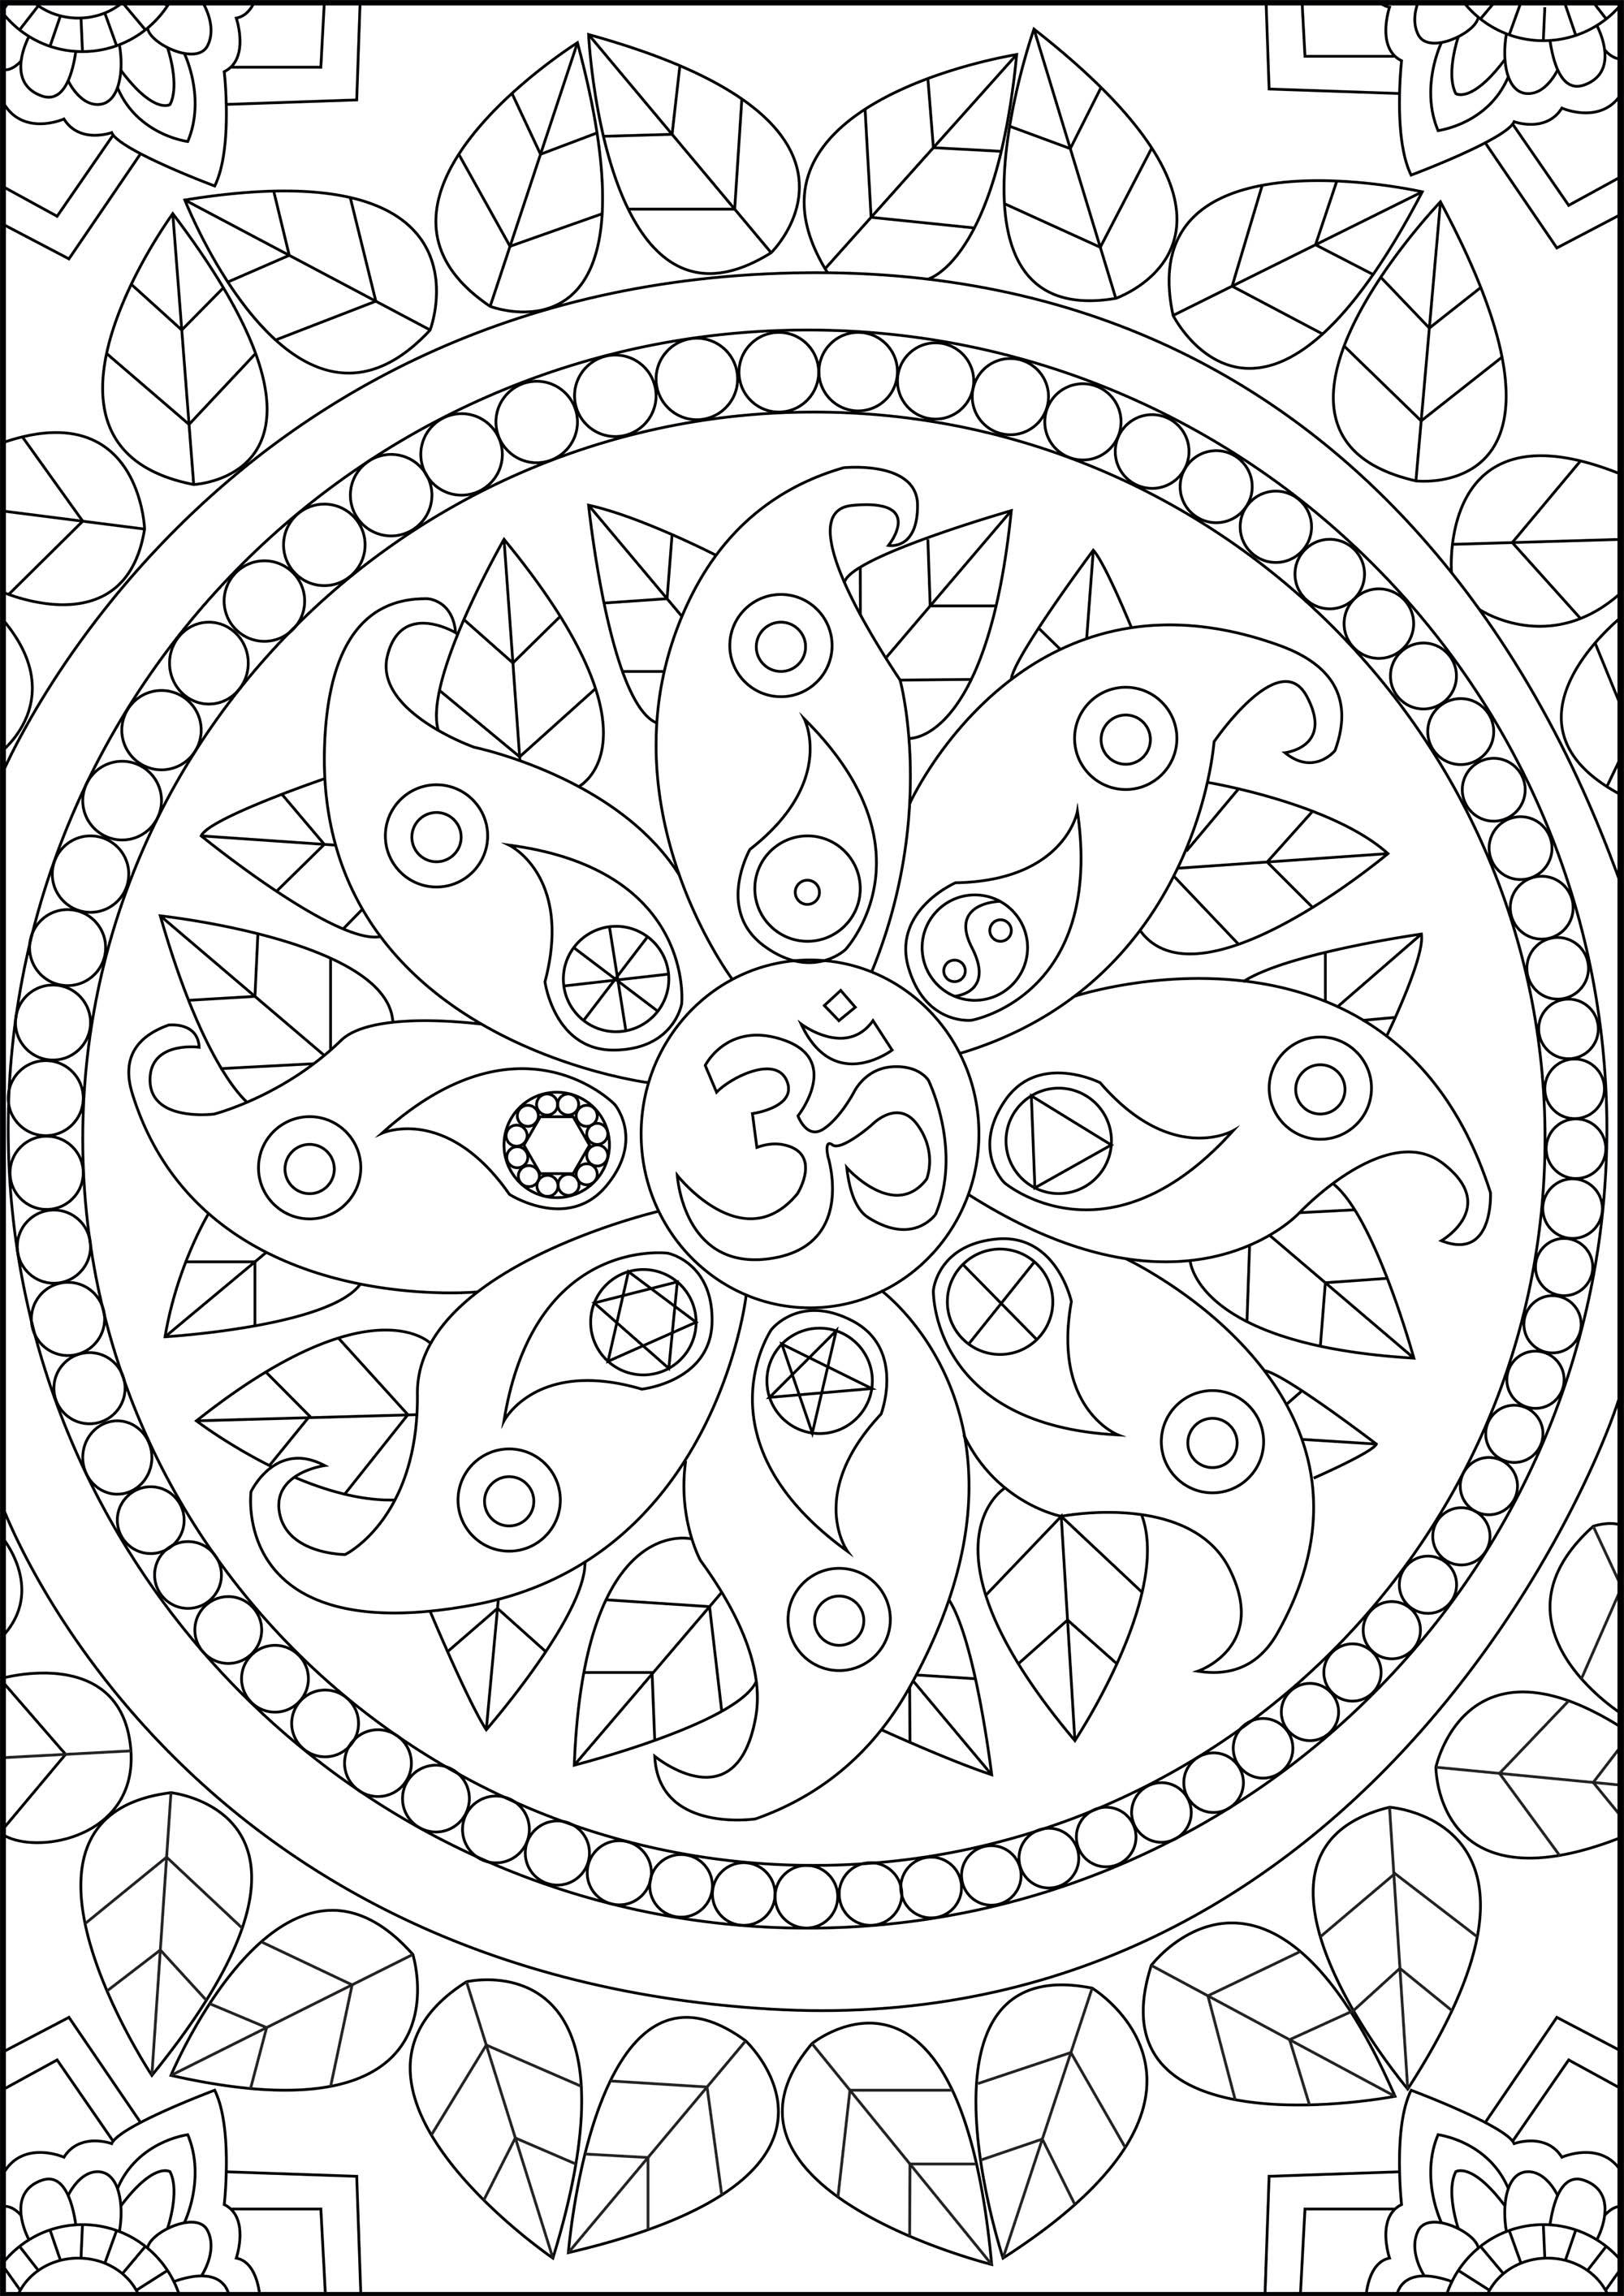 Trouvez la Paix intérieure avec ce coloriage comportant divers symboles Zen, dont 'Om'. Om (ou Aum ॐ) est un des symboles les plus sacrés de l'hindouisme : il est utilisé comme préfixe et parfois suffixe aux mantras hindous. Il est considéré comme la vibration primitive divine de l'Univers qui représente toute existence.